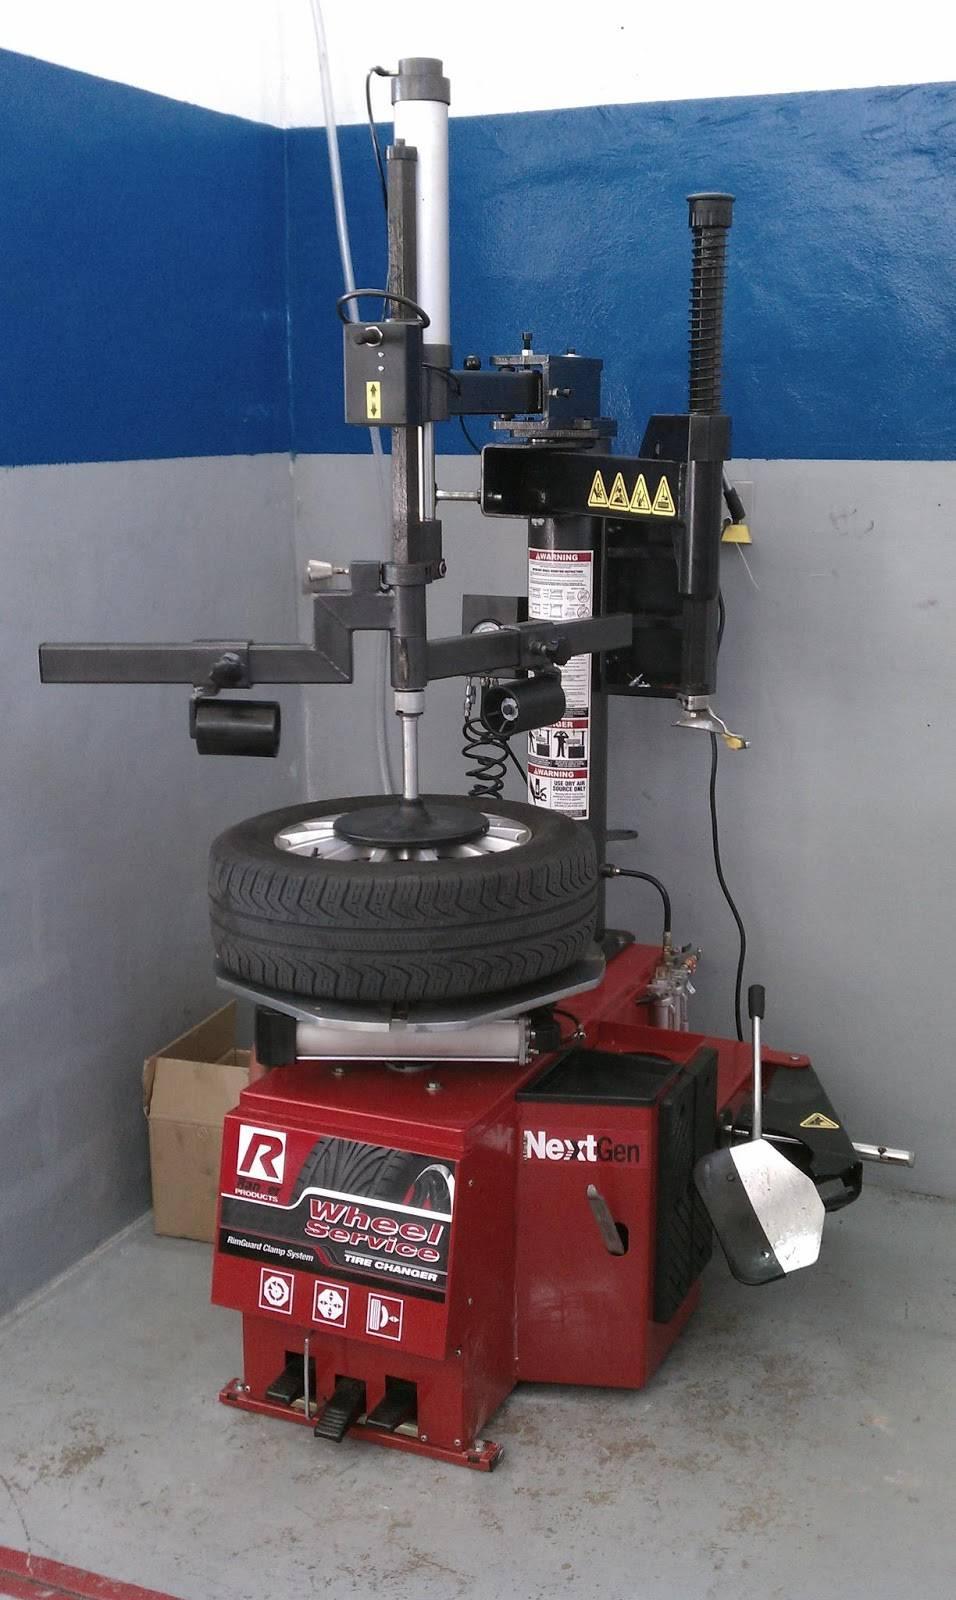 Fangios Car Clinic - car repair  | Photo 3 of 5 | Address: 195 Bird Rd, Coral Gables, FL 33146, USA | Phone: (305) 444-4449